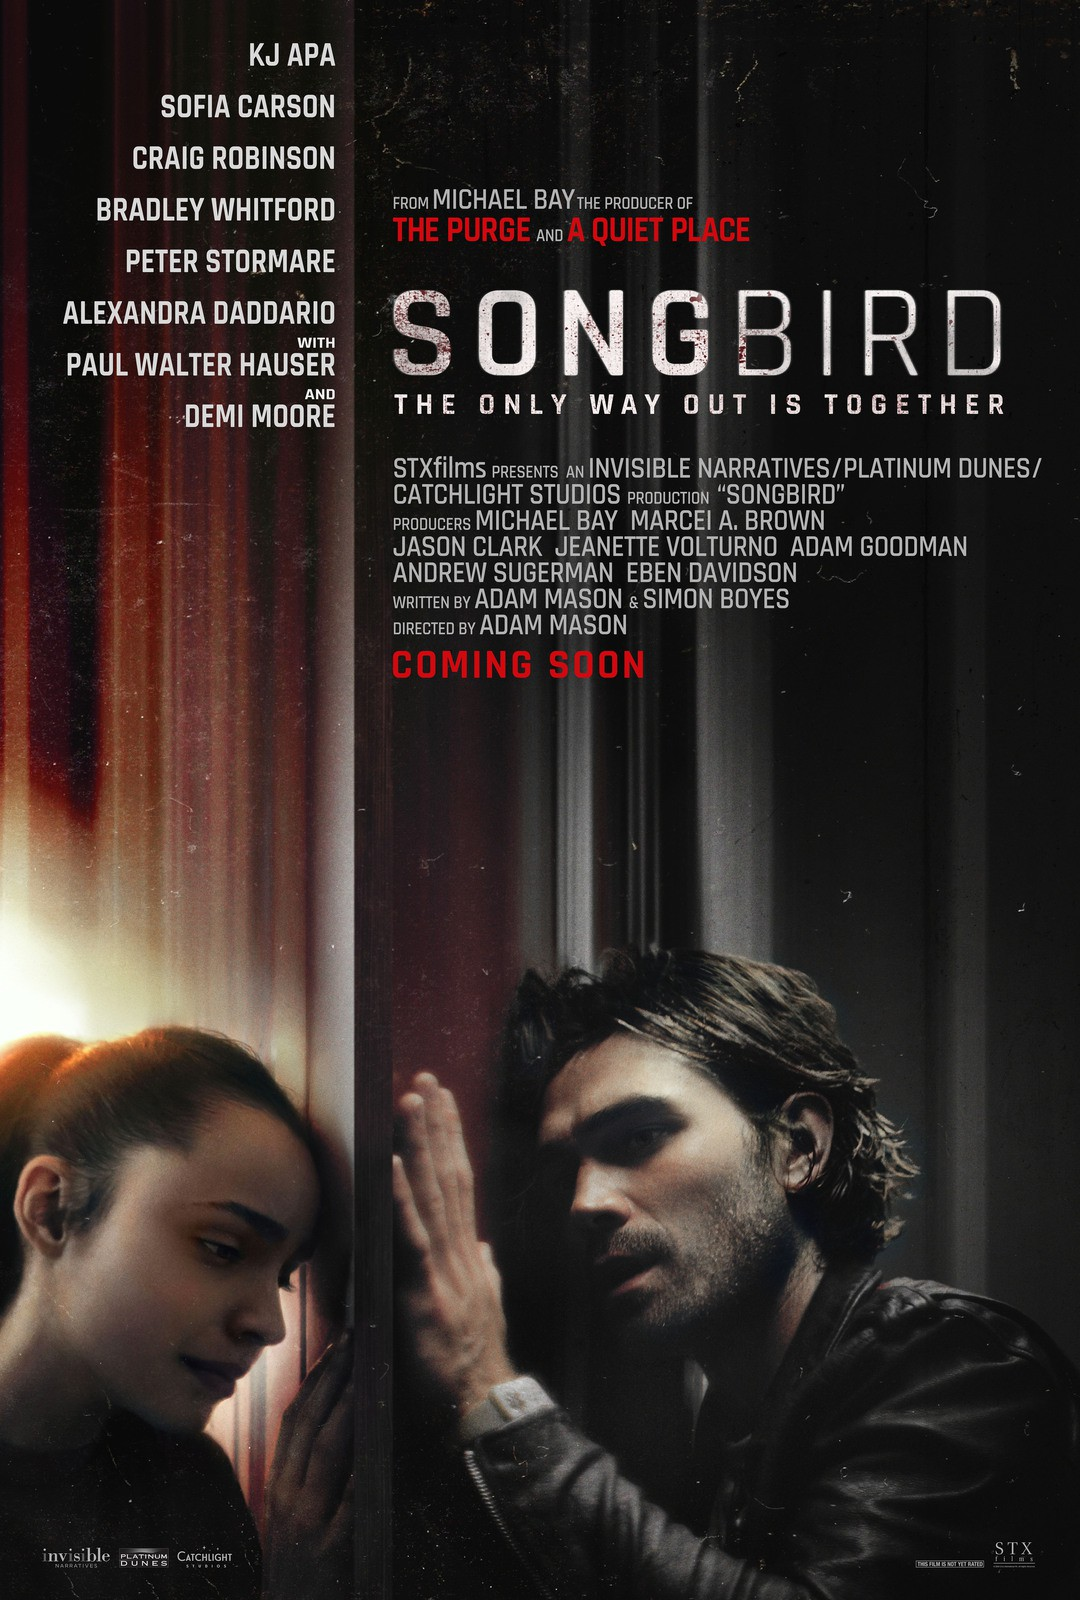 Songbird Trailer - Bild 1 von 3